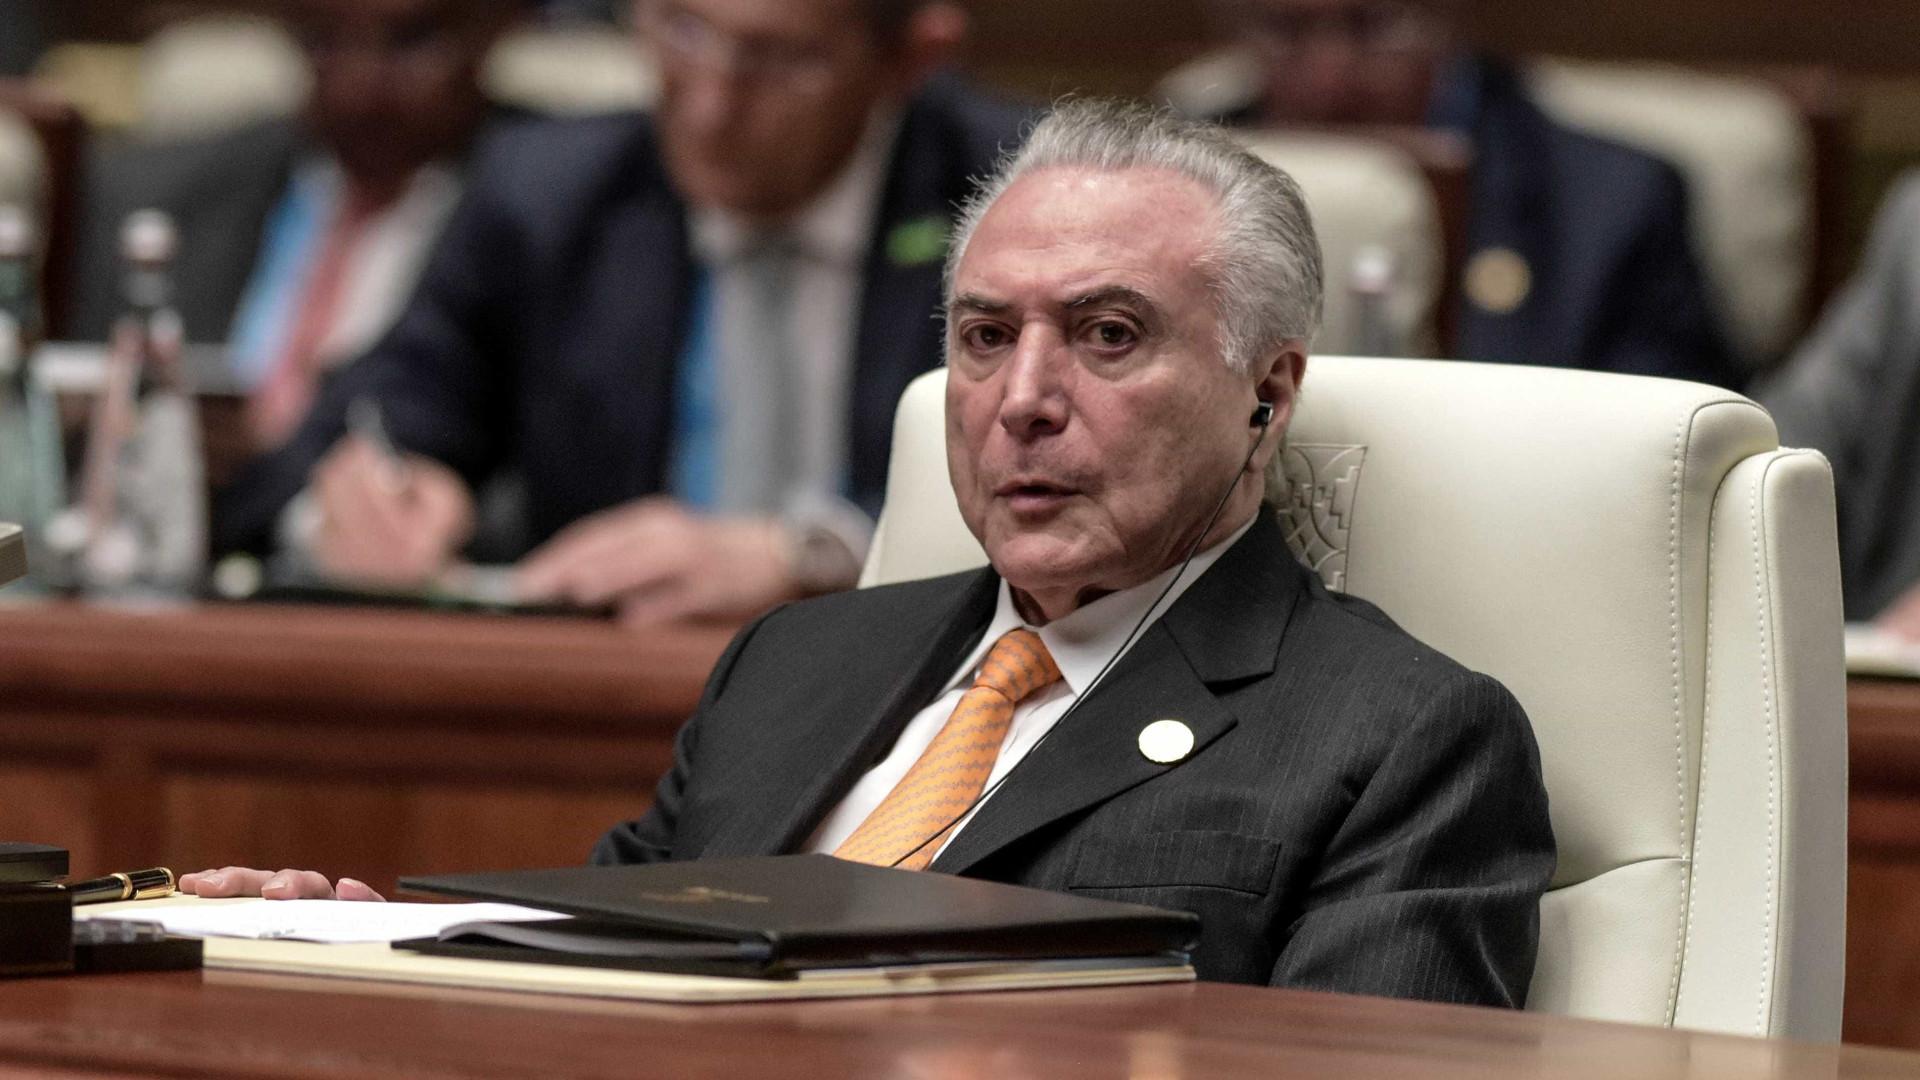 Temer recebeu R$ 31,5 milhões de 'vantagens' no 'quadrilhão' do PMDB